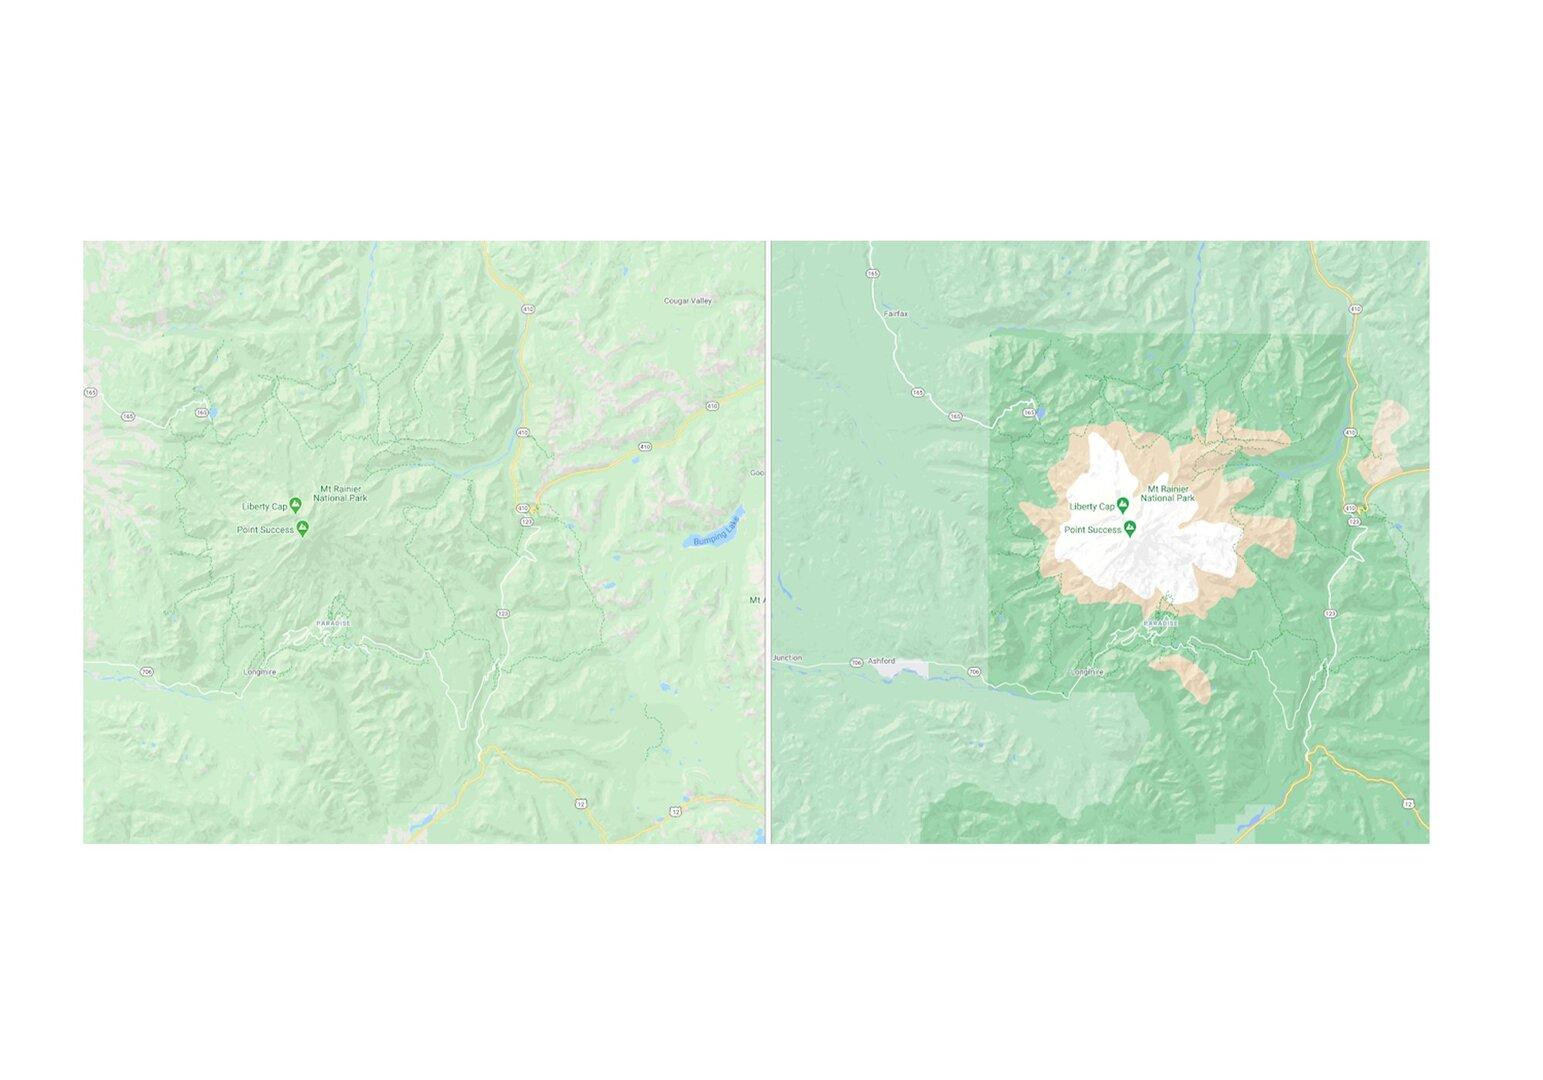 Neue Kartenansicht für den Mt. Rainier National Park